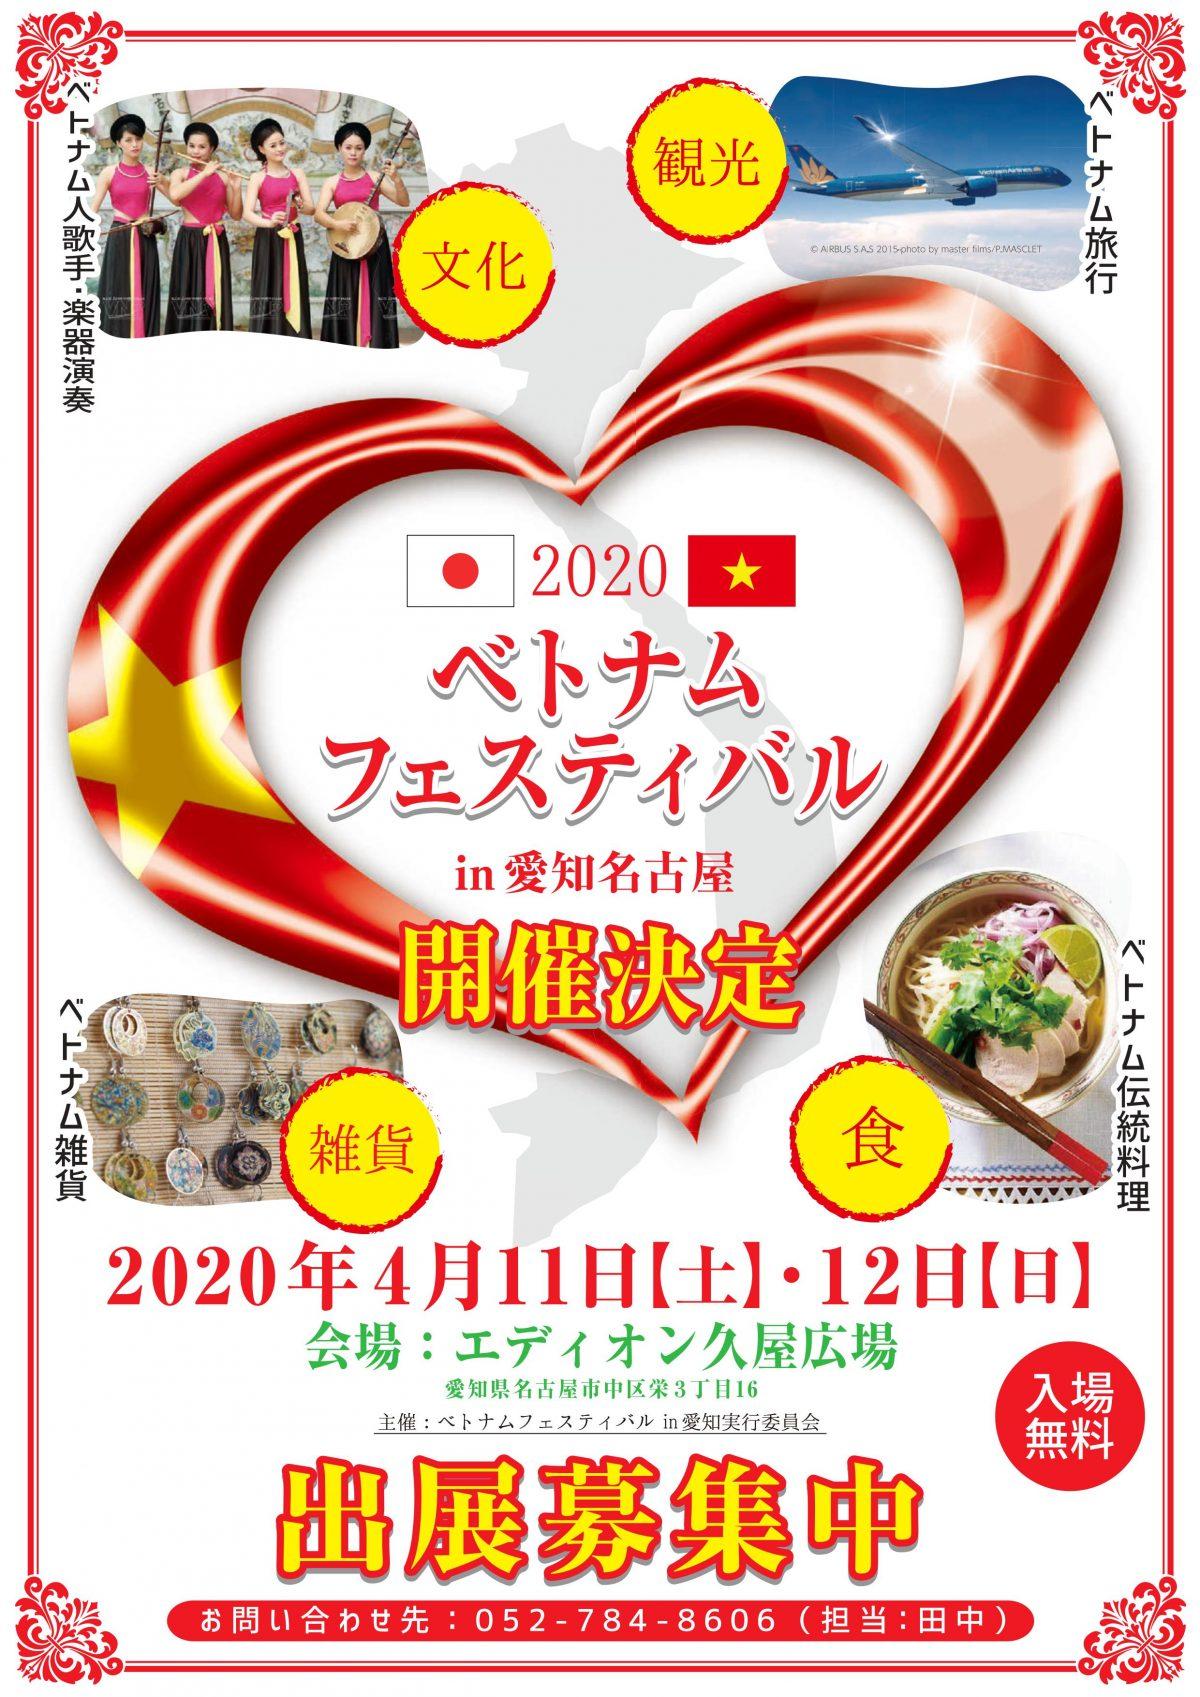 【中止】ベトナムフェスティバル2020 in 愛知 名古屋